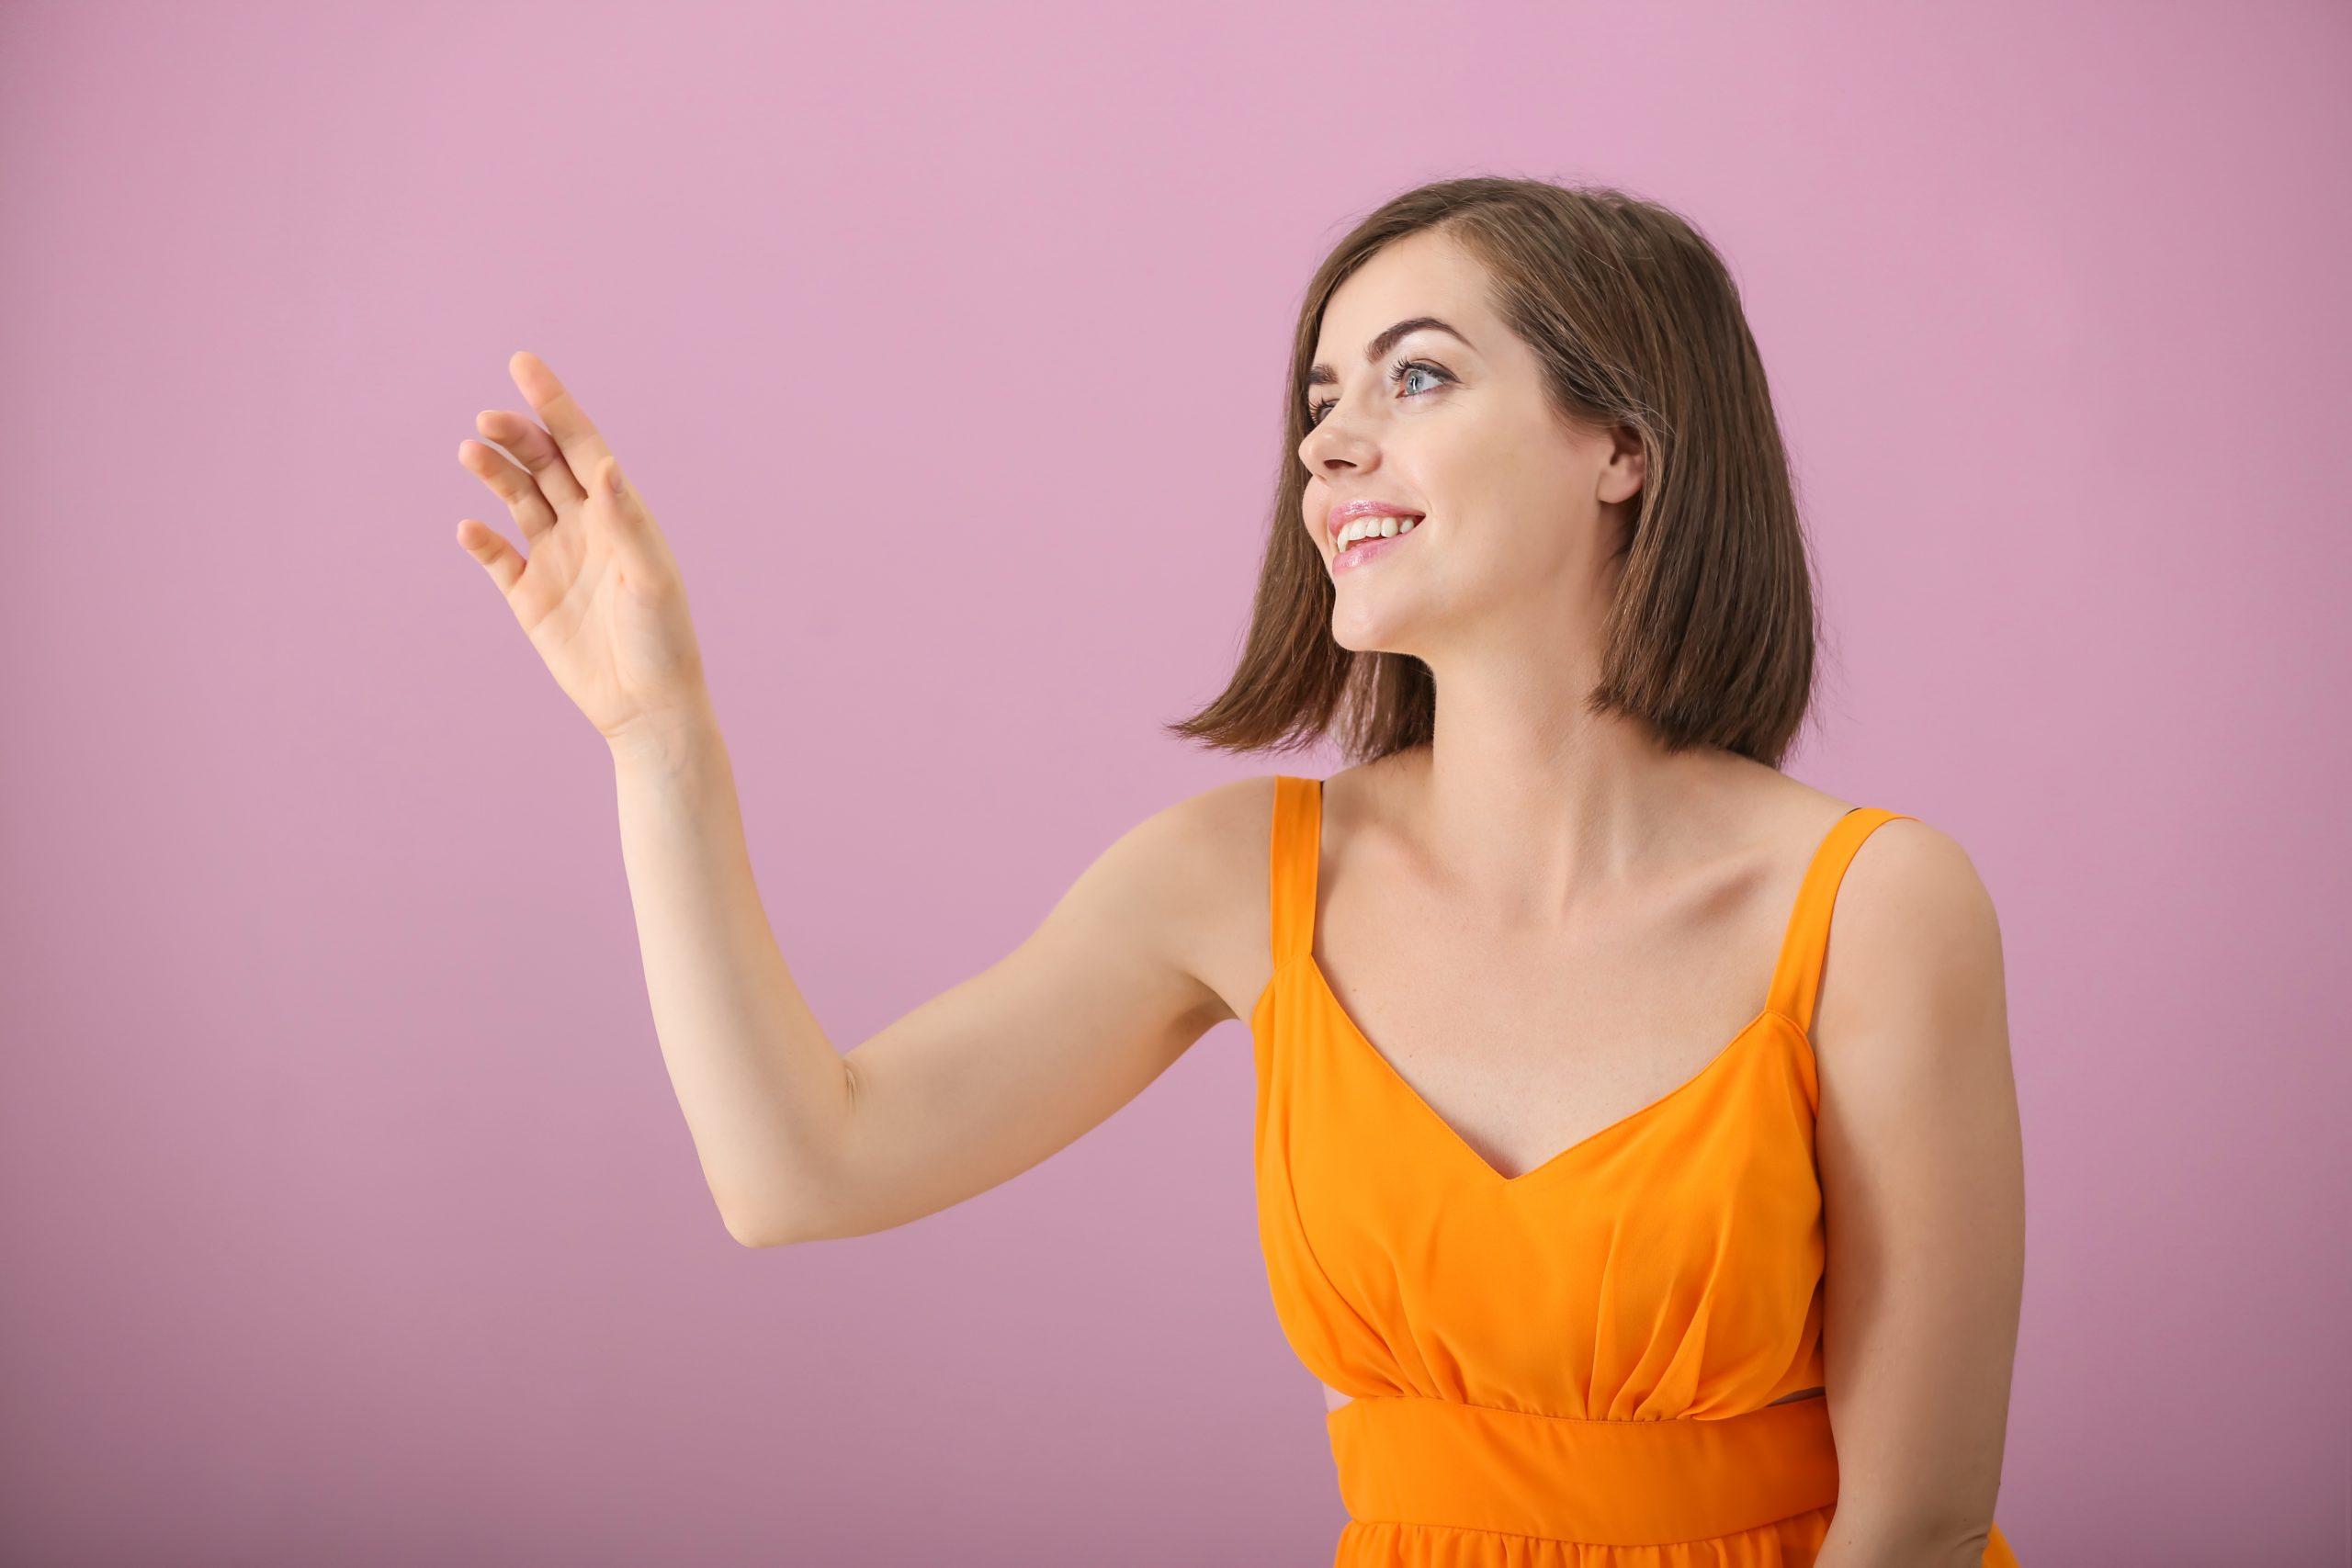 Тест-психоанализ: Чего вам не хватает для полного счастья?